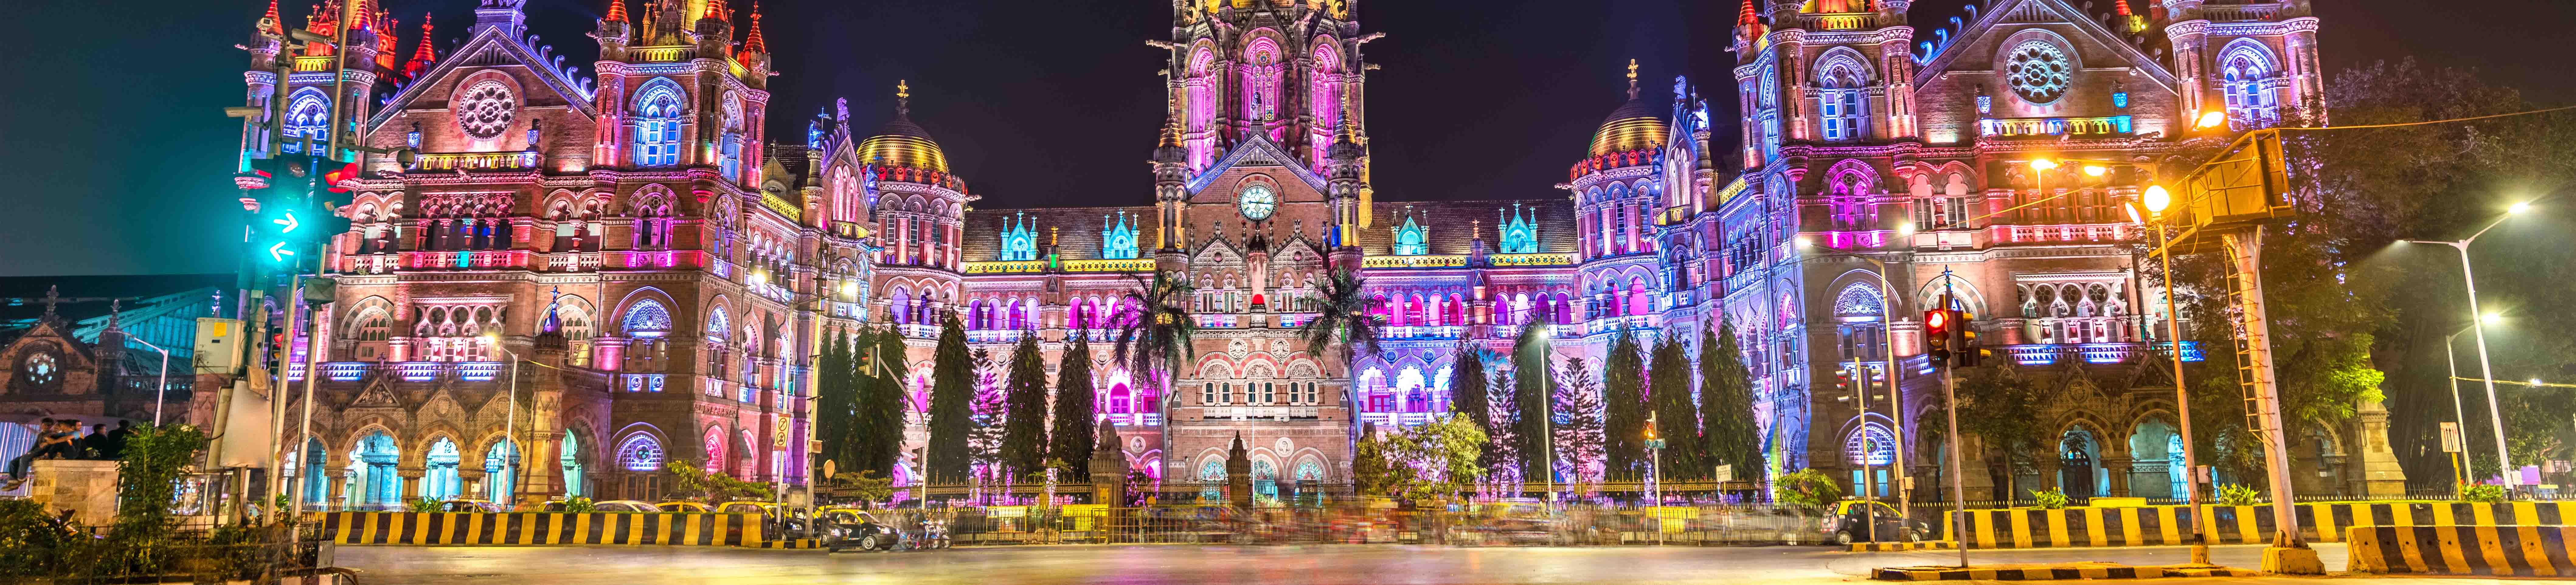 Partez à la découverte de chaque ville Inde pour voir le charme de ce pays unique au monde